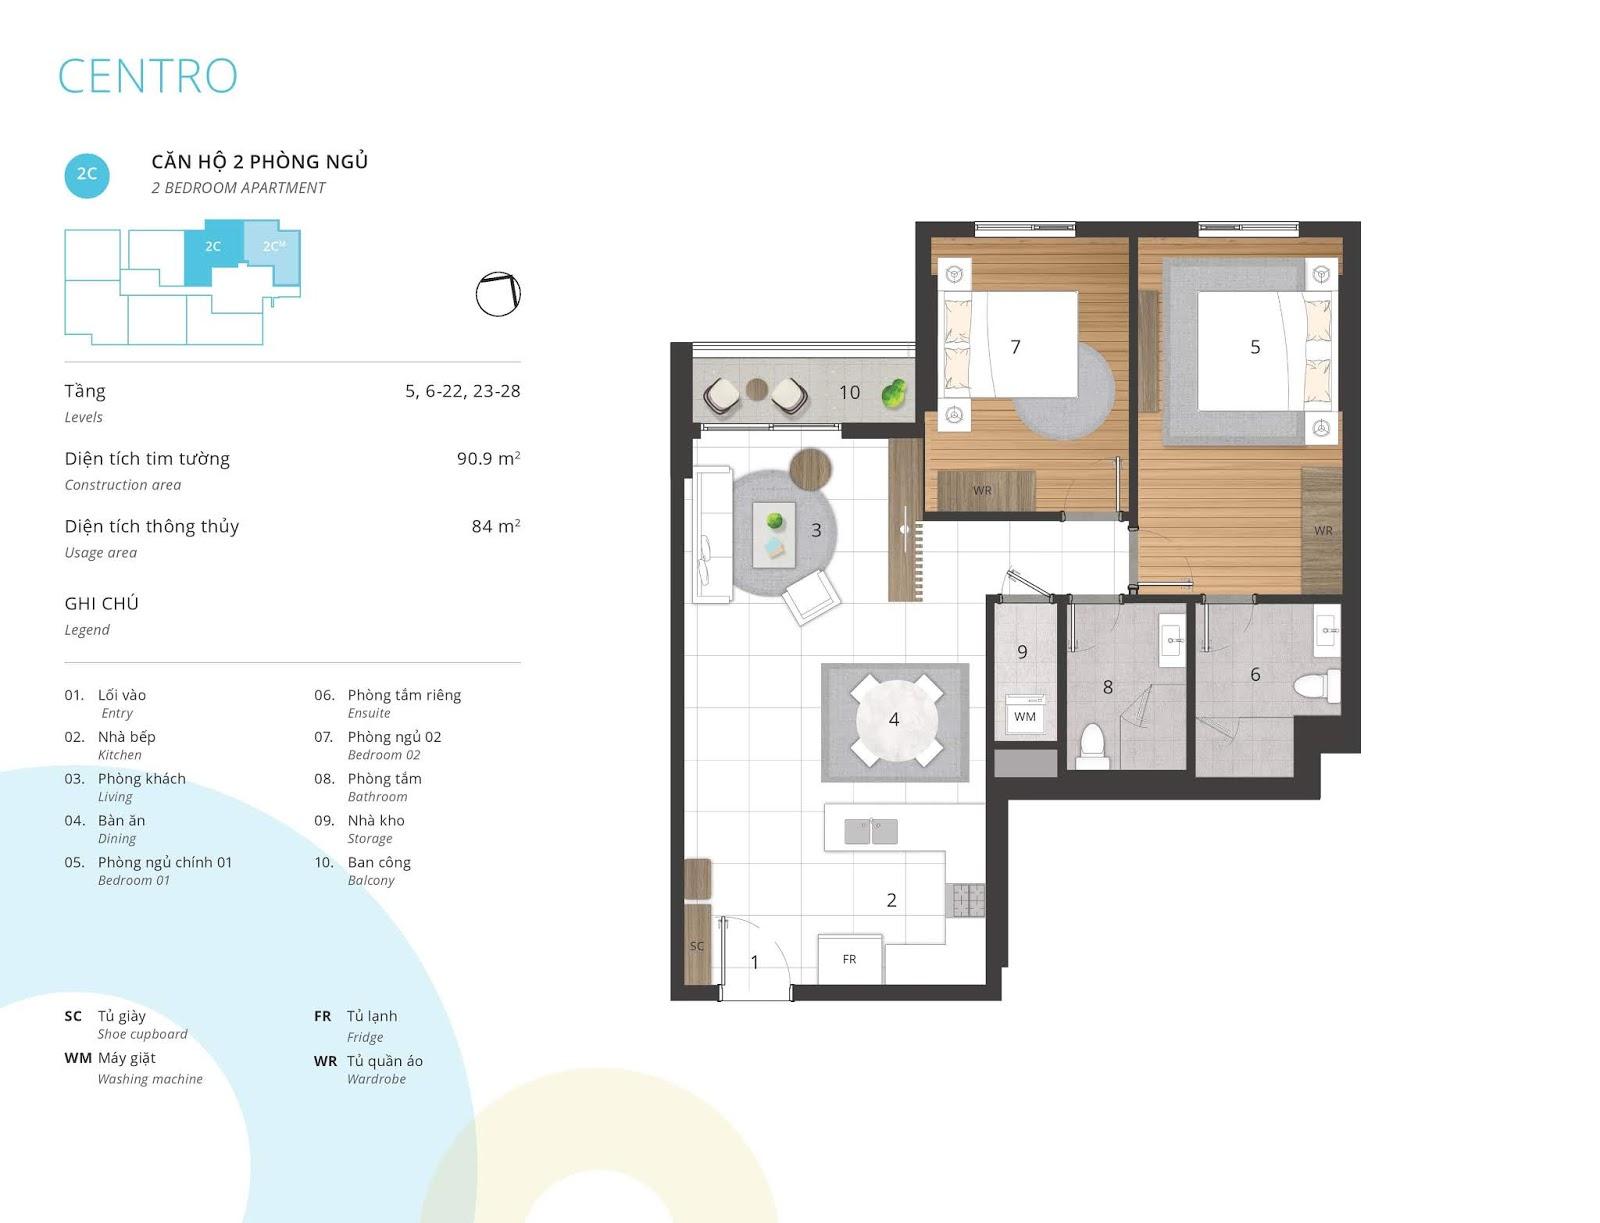 Mặt bằng căn hộ 2 phòng ngủ 80 và 84 m2 thông thủy tòa CENTRO